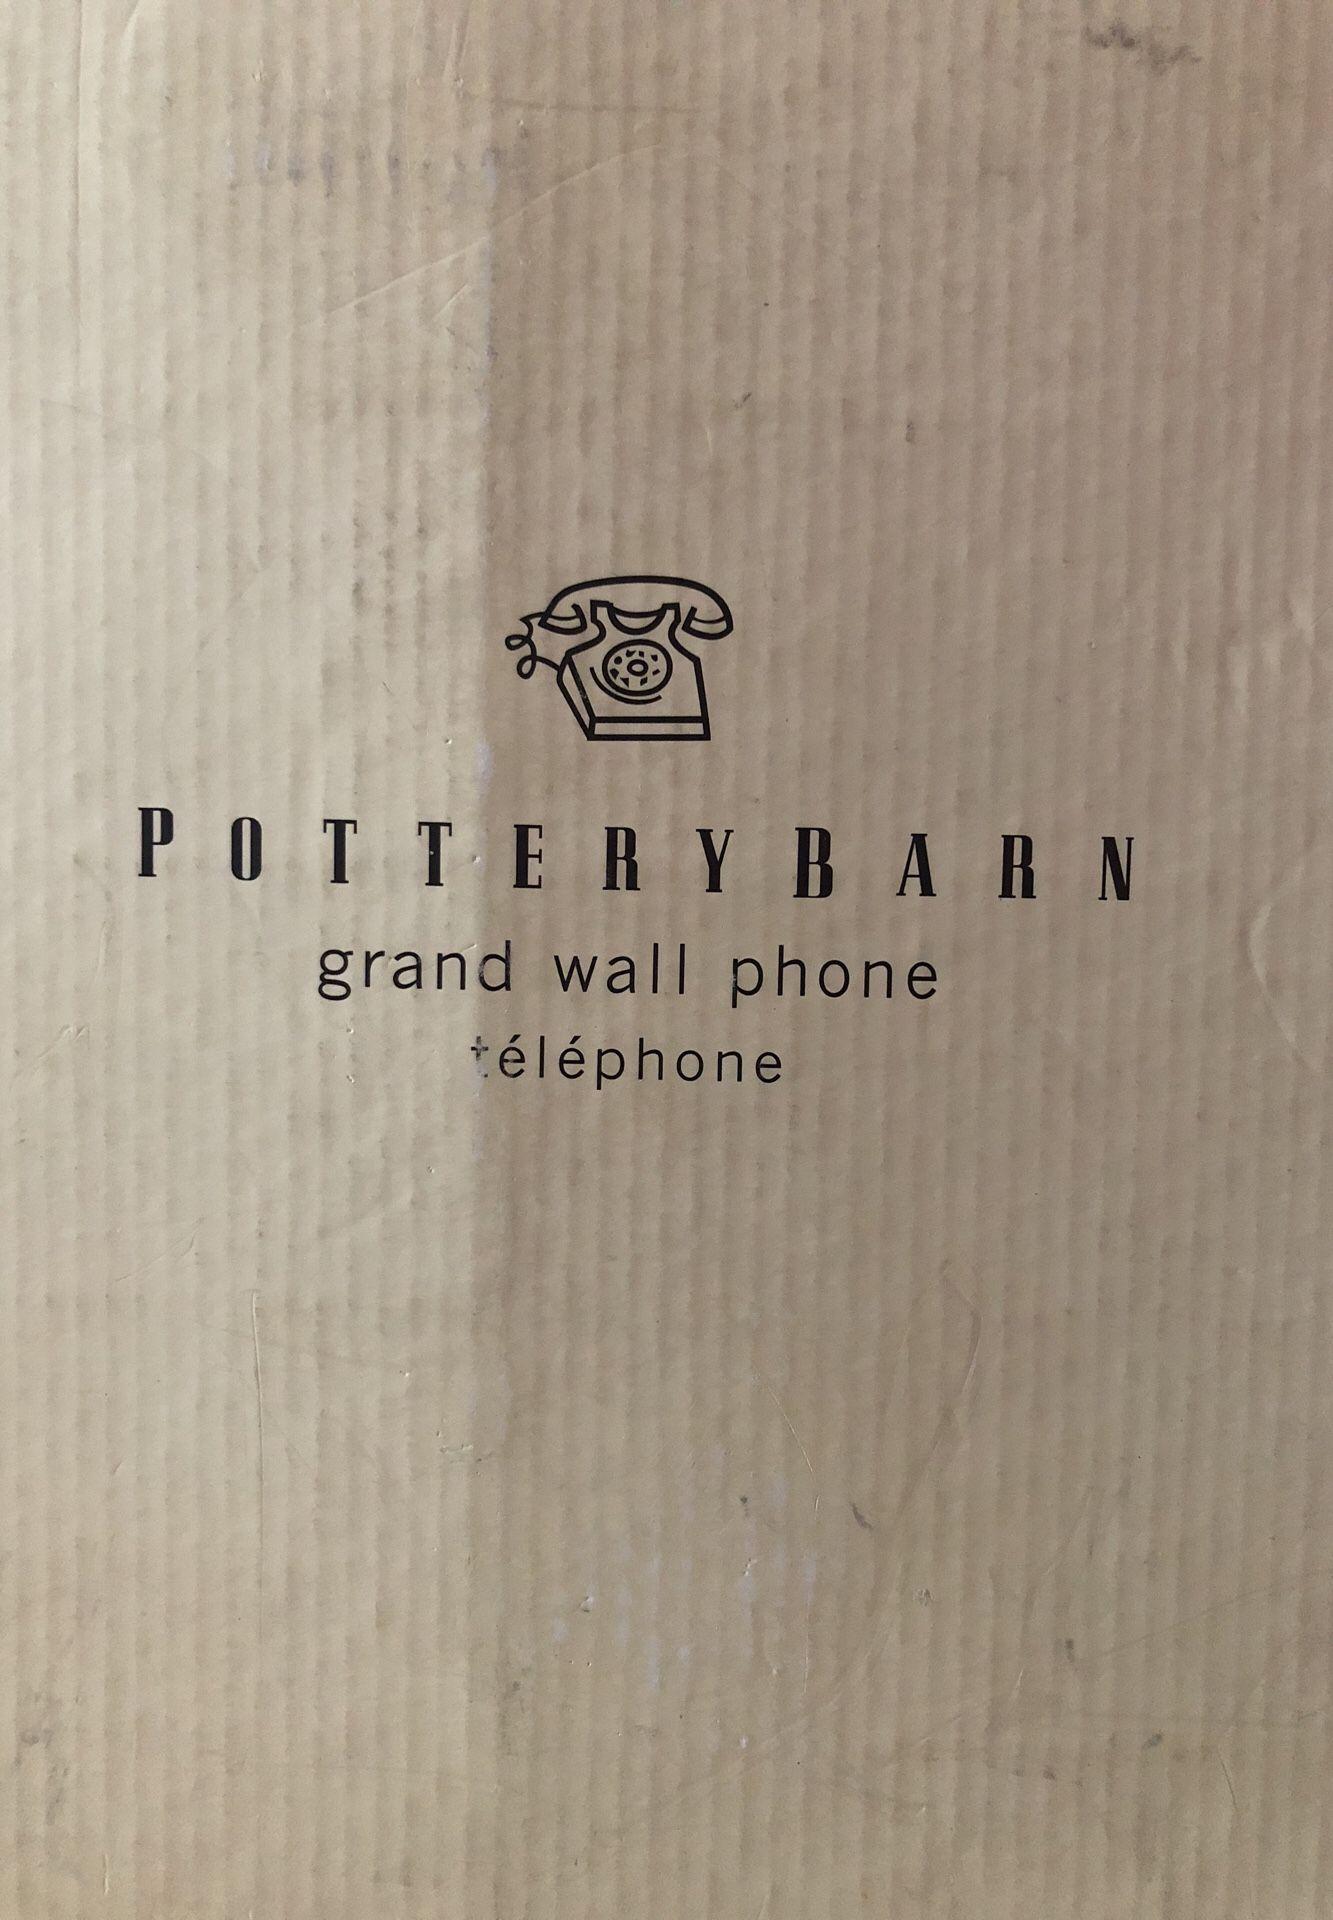 Grand wall phone